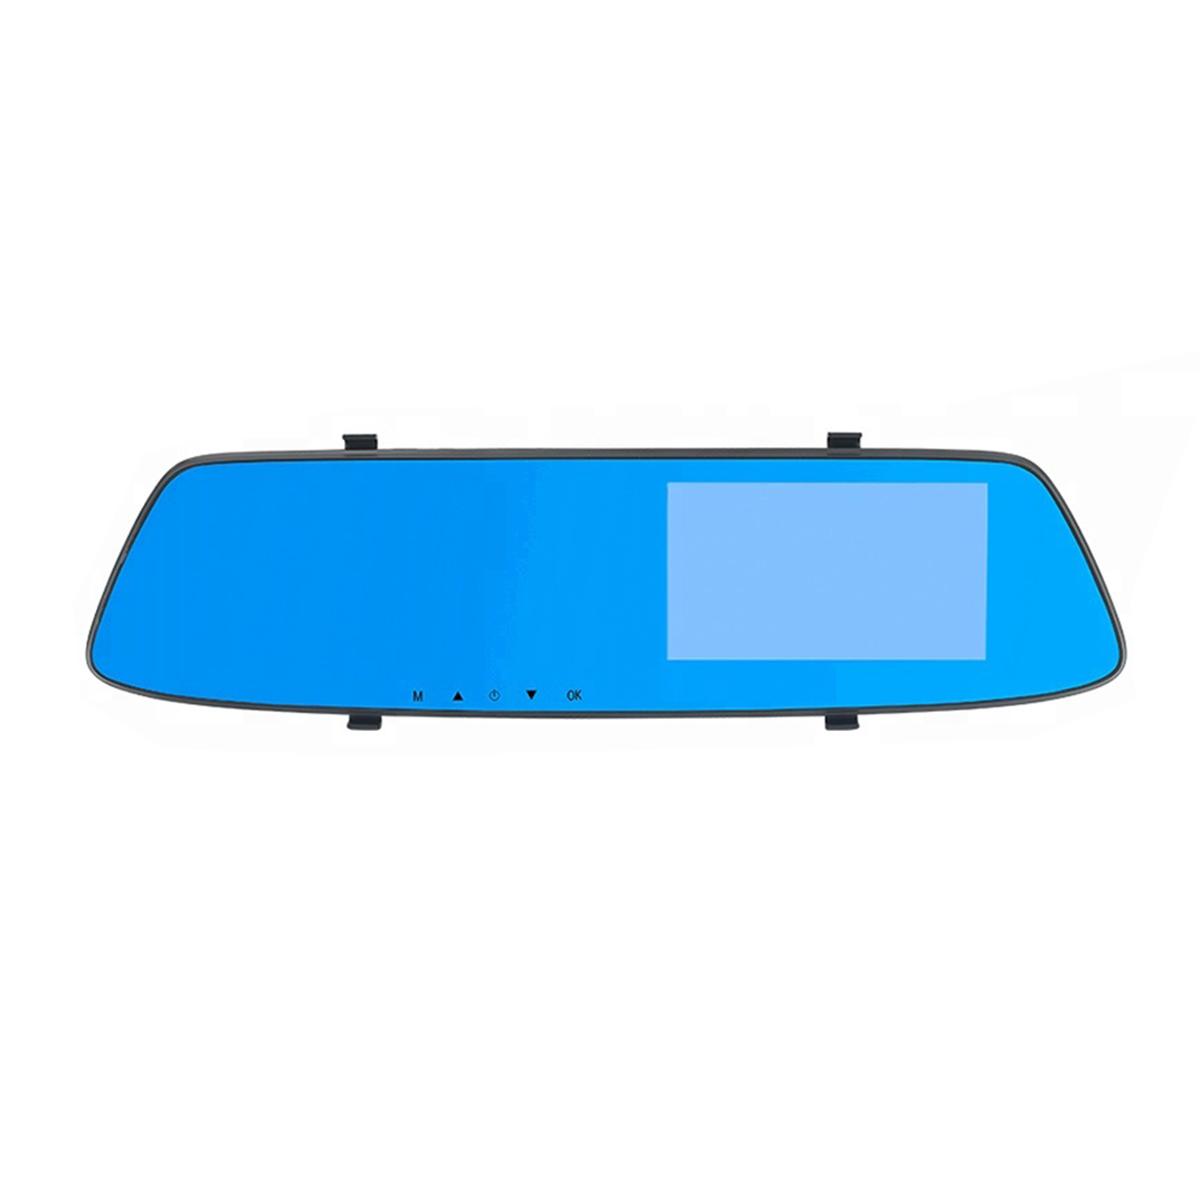 آینه مانیتور دار و دوربین دنده عقب خودرو مدل Black Box